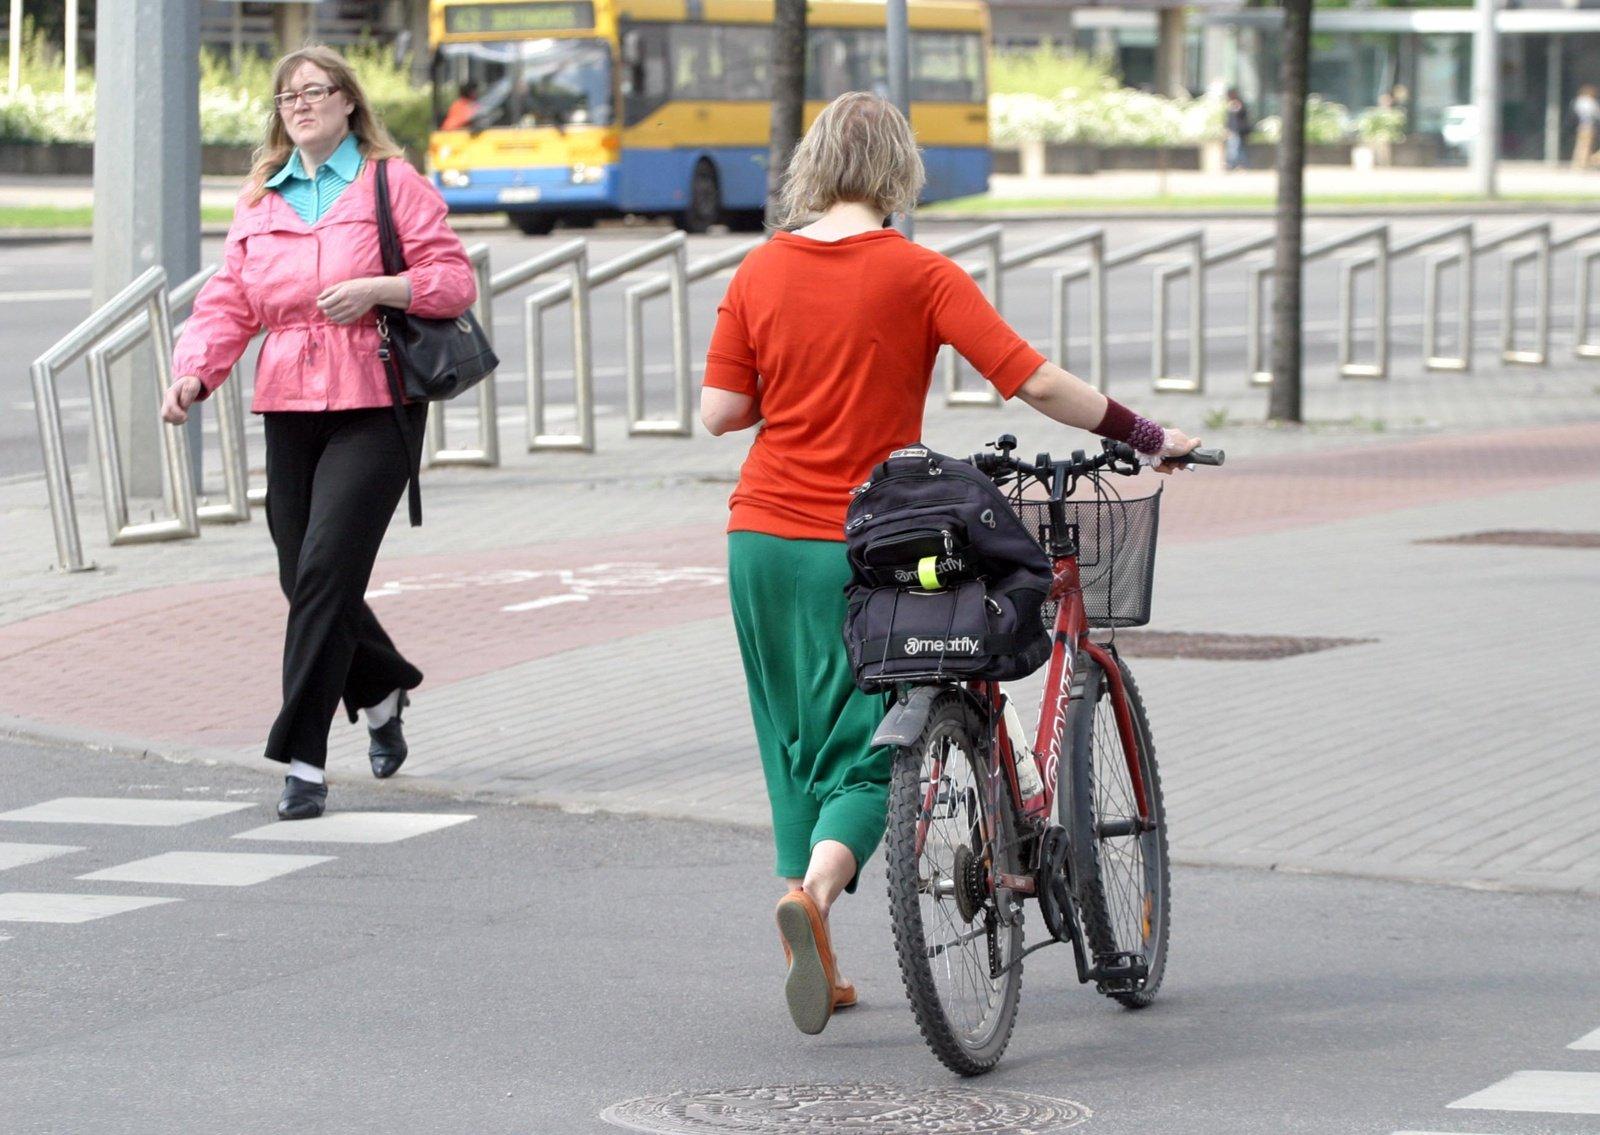 Aštuoni iš dešimties lietuvių mano, kad Lietuvoje situacija krypsta į blogąją pusę